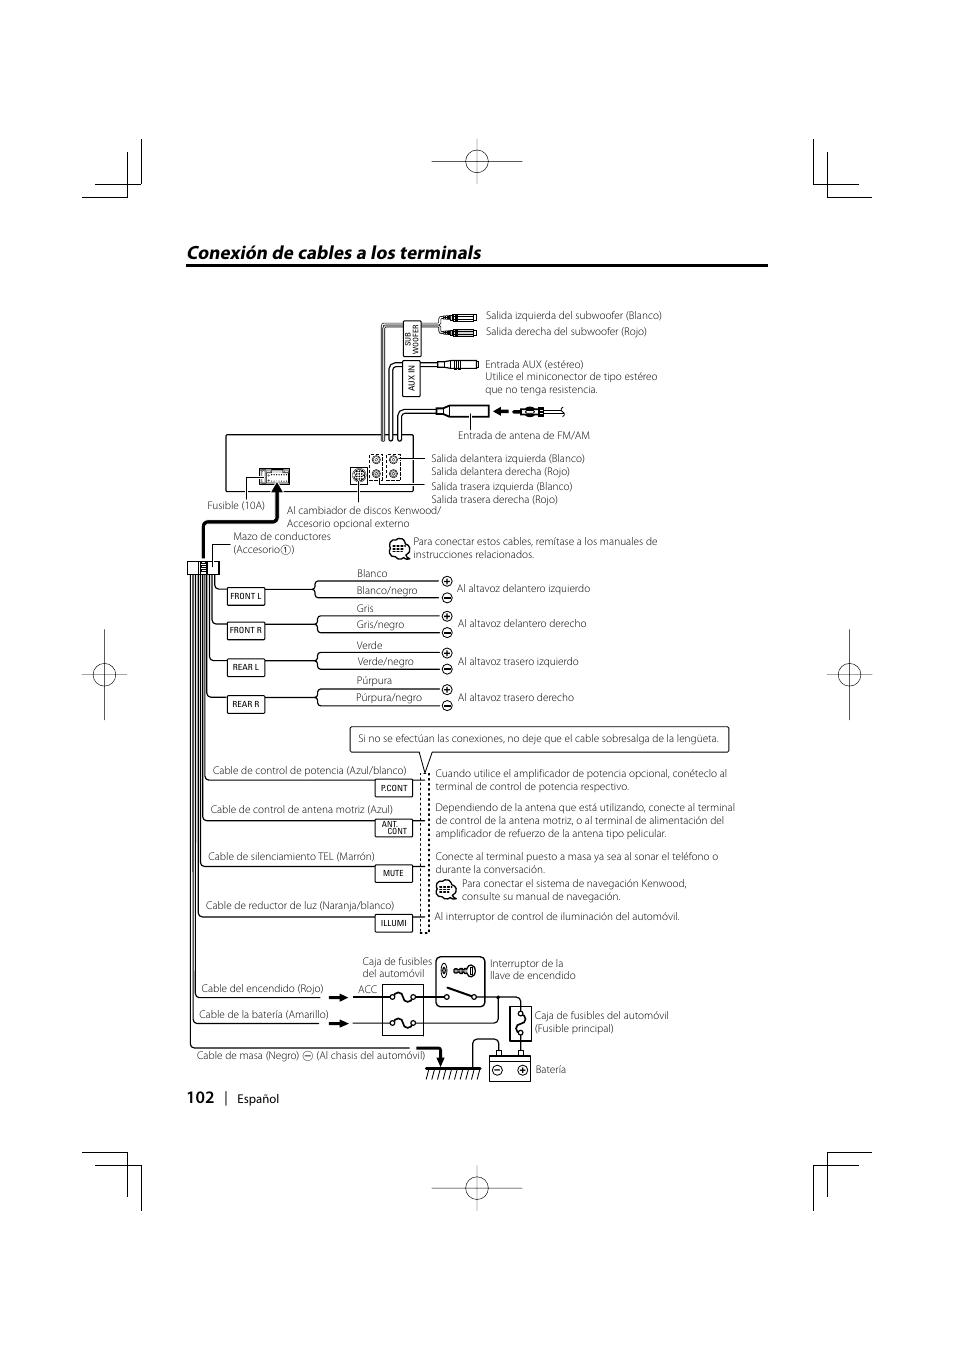 medium resolution of conexi n de cables a los terminals kenwood kdc mp435u user manual page 102